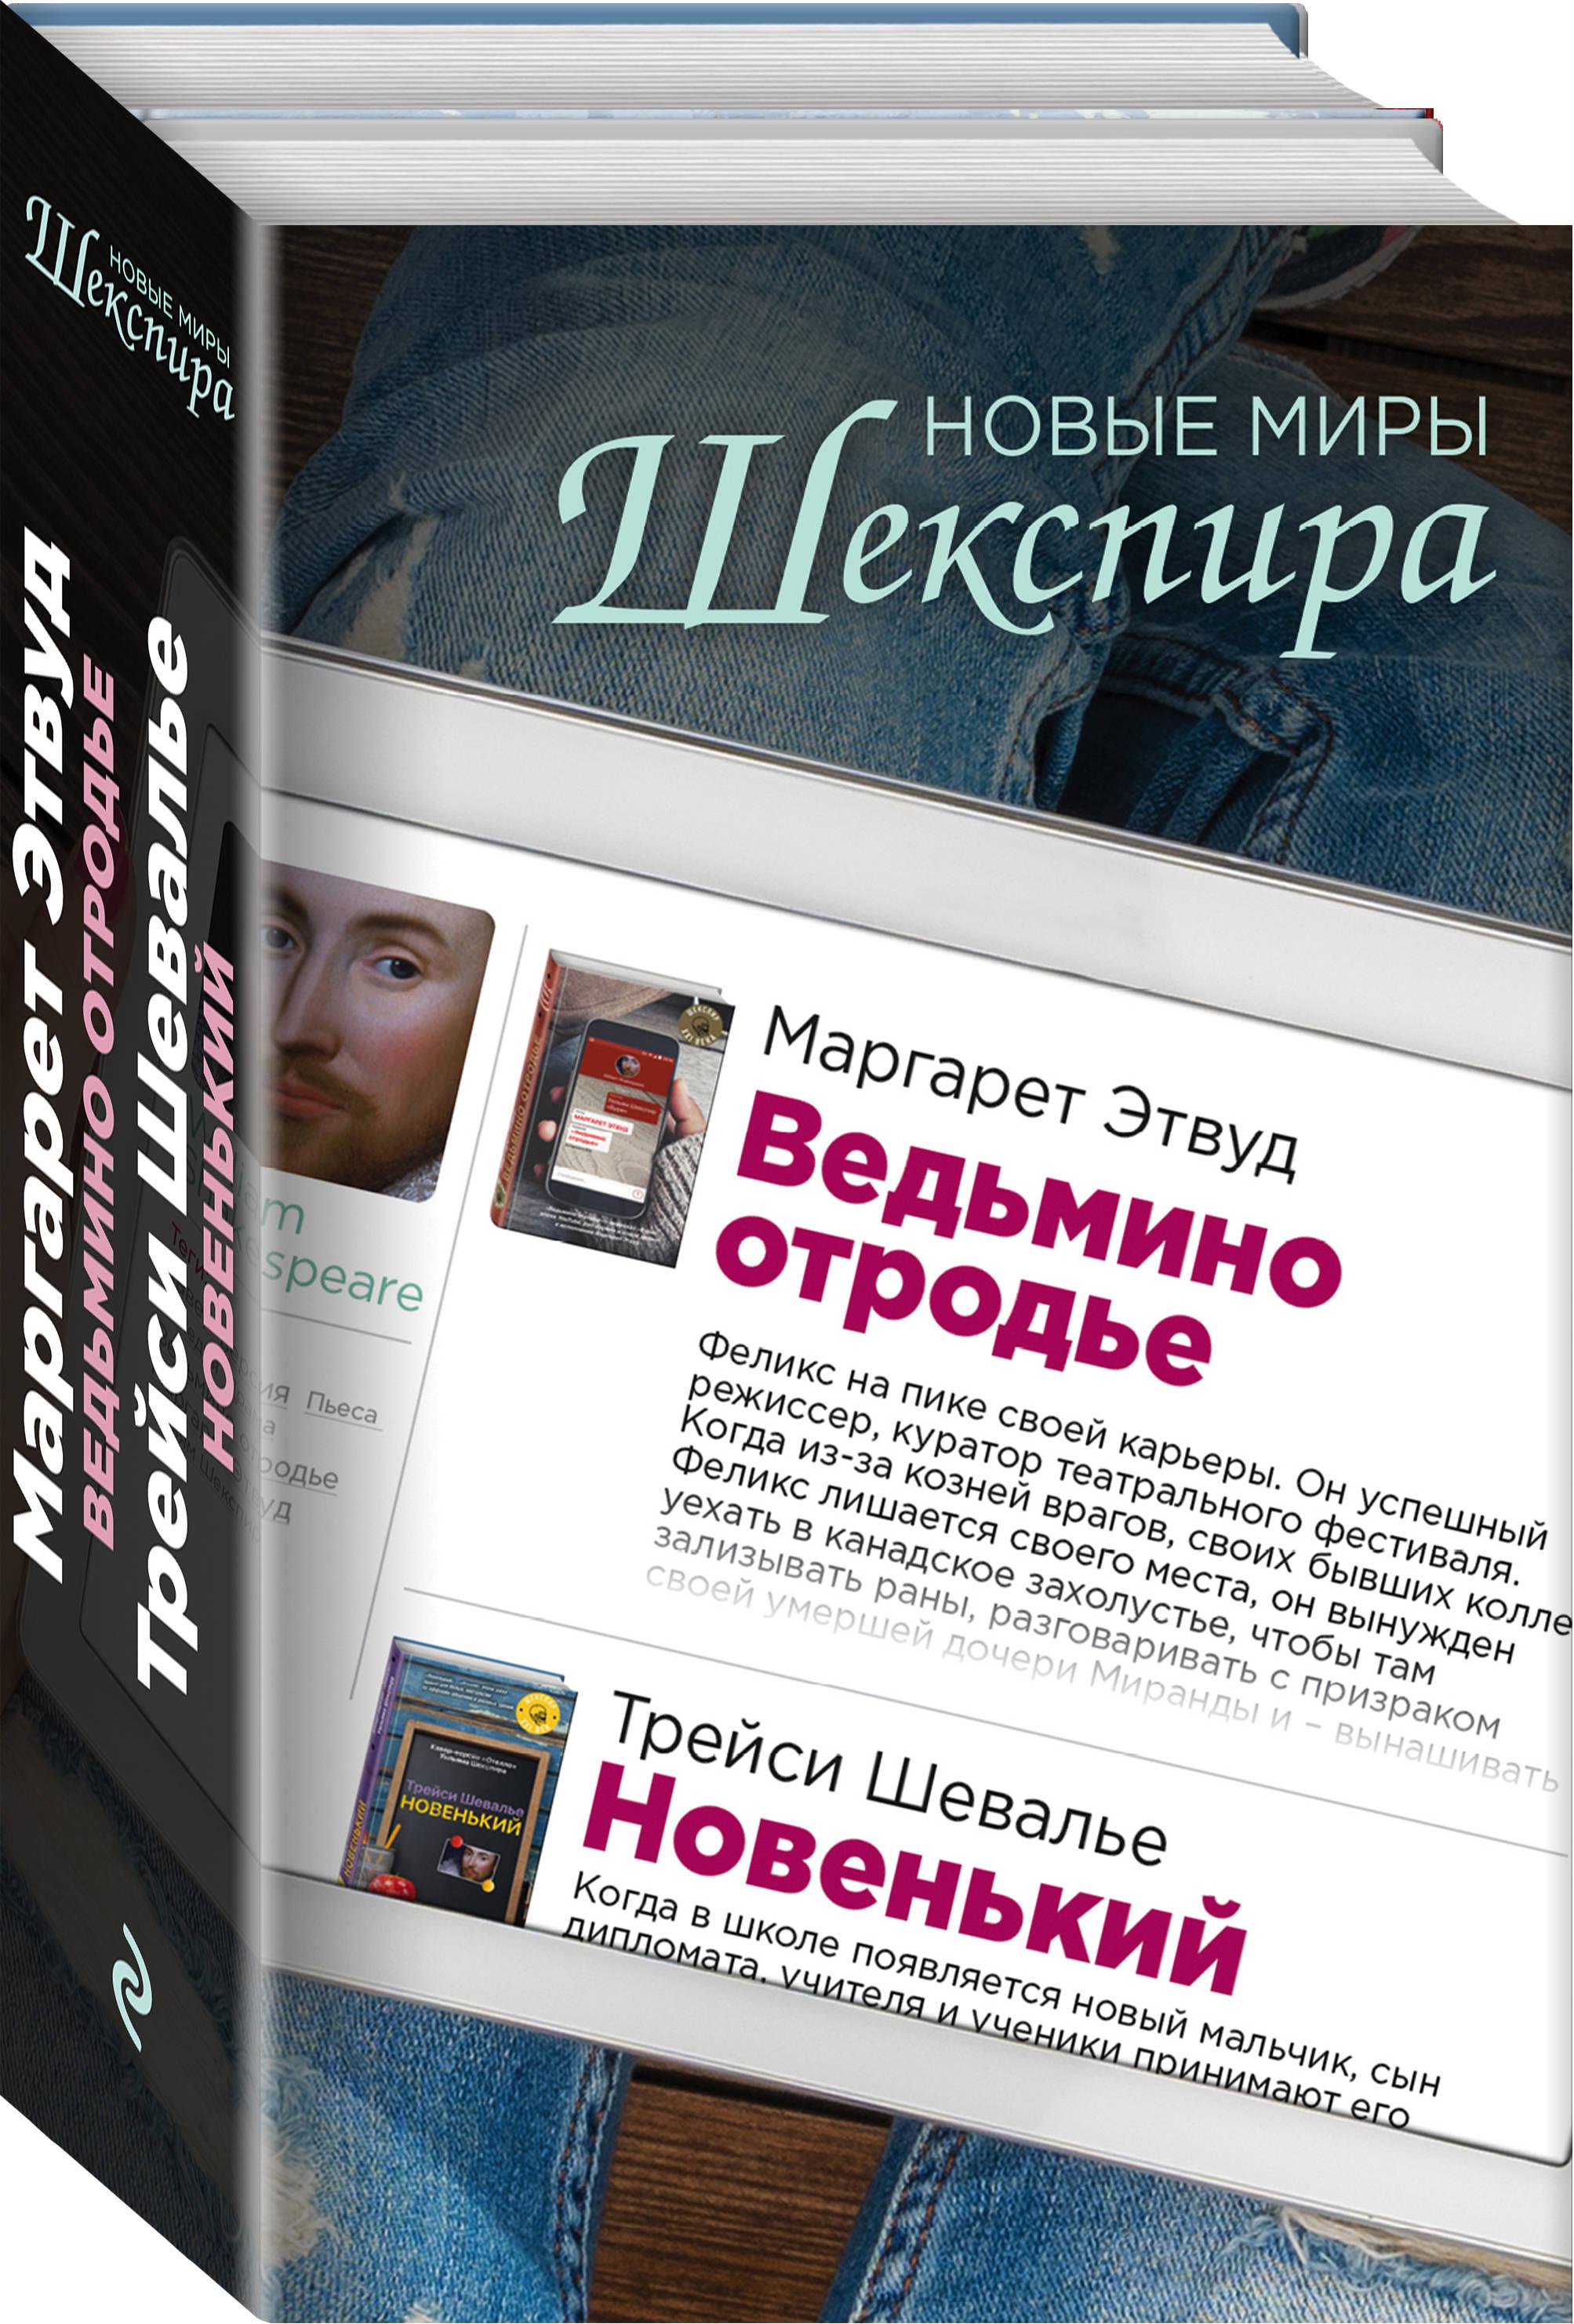 Новые миры Шекспира (комплект из 2 книг) ( Шевалье Т., Этвуд М.  )